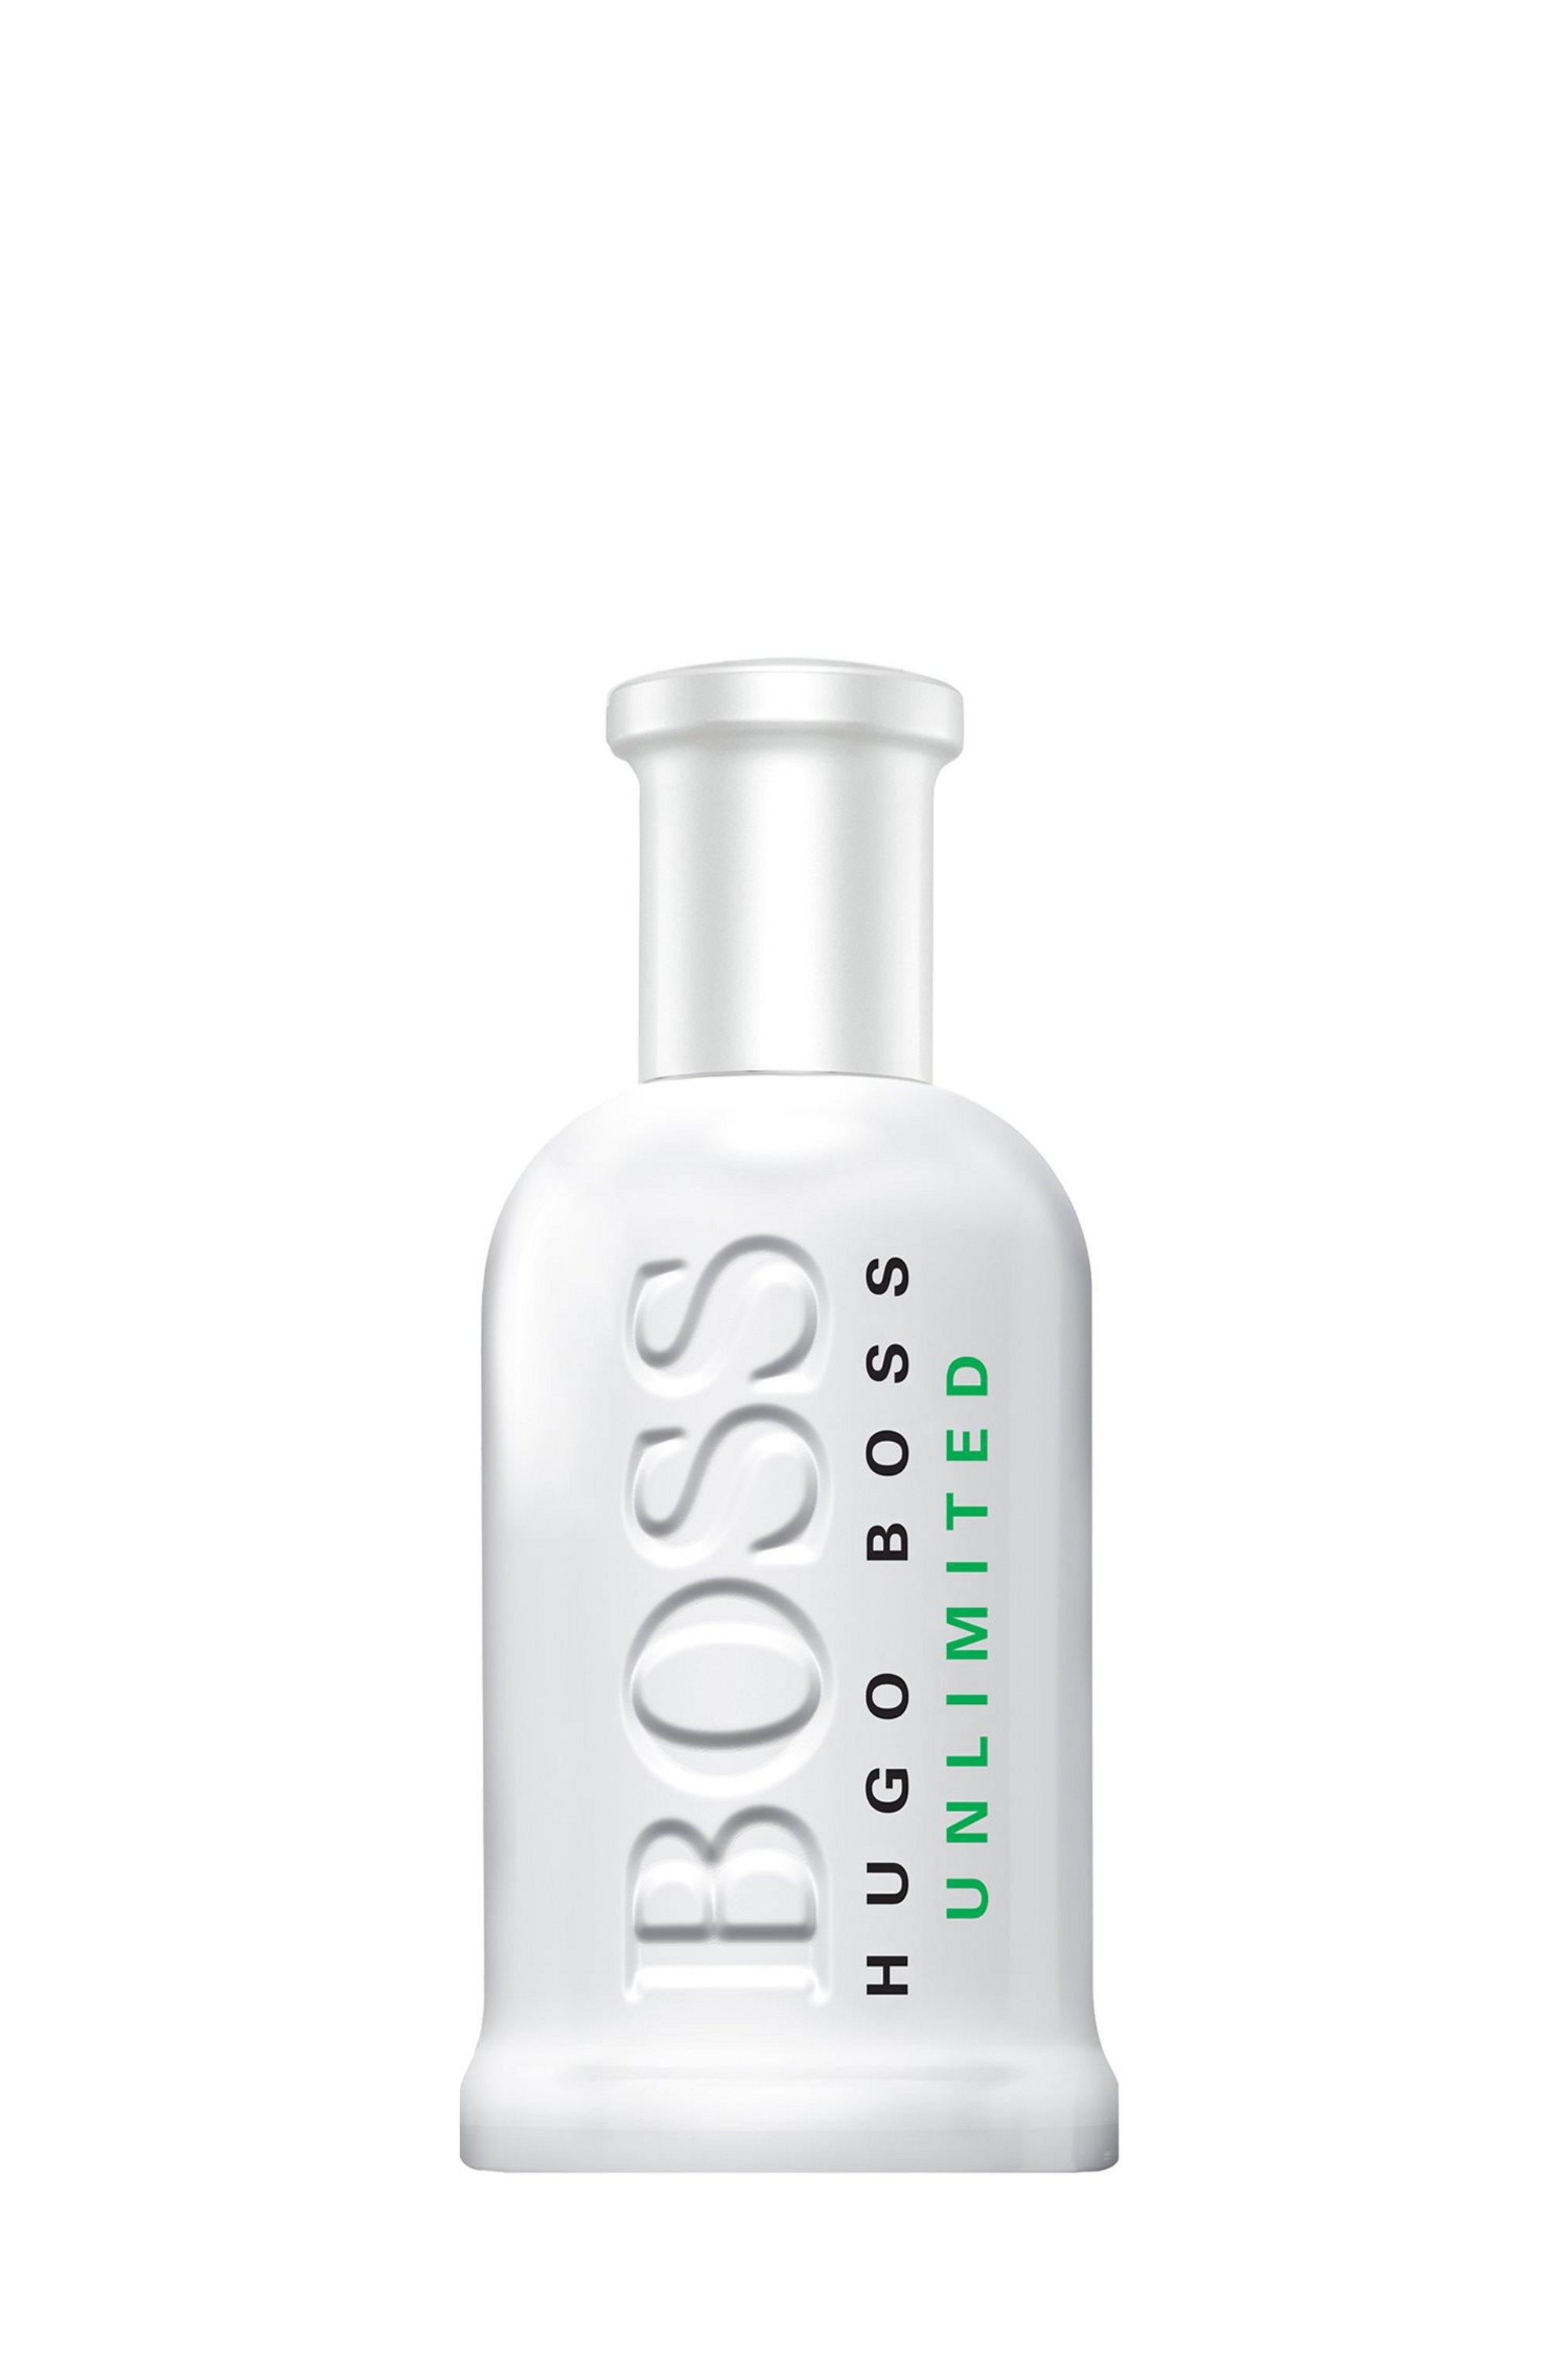 BOSS Bottled Unlimited eau de toilette 50ml, Assorted-Pre-Pack